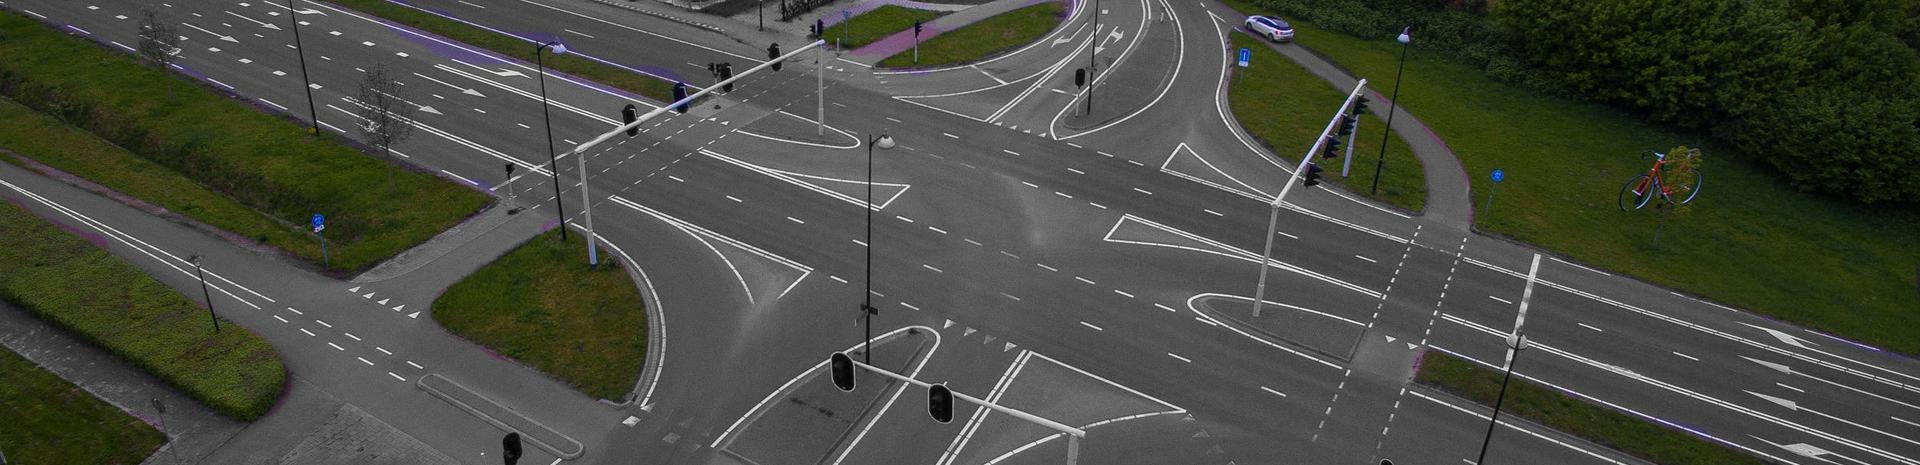 Het aantal verkeersongelukken op kruispunten neemt toe   LetselPro